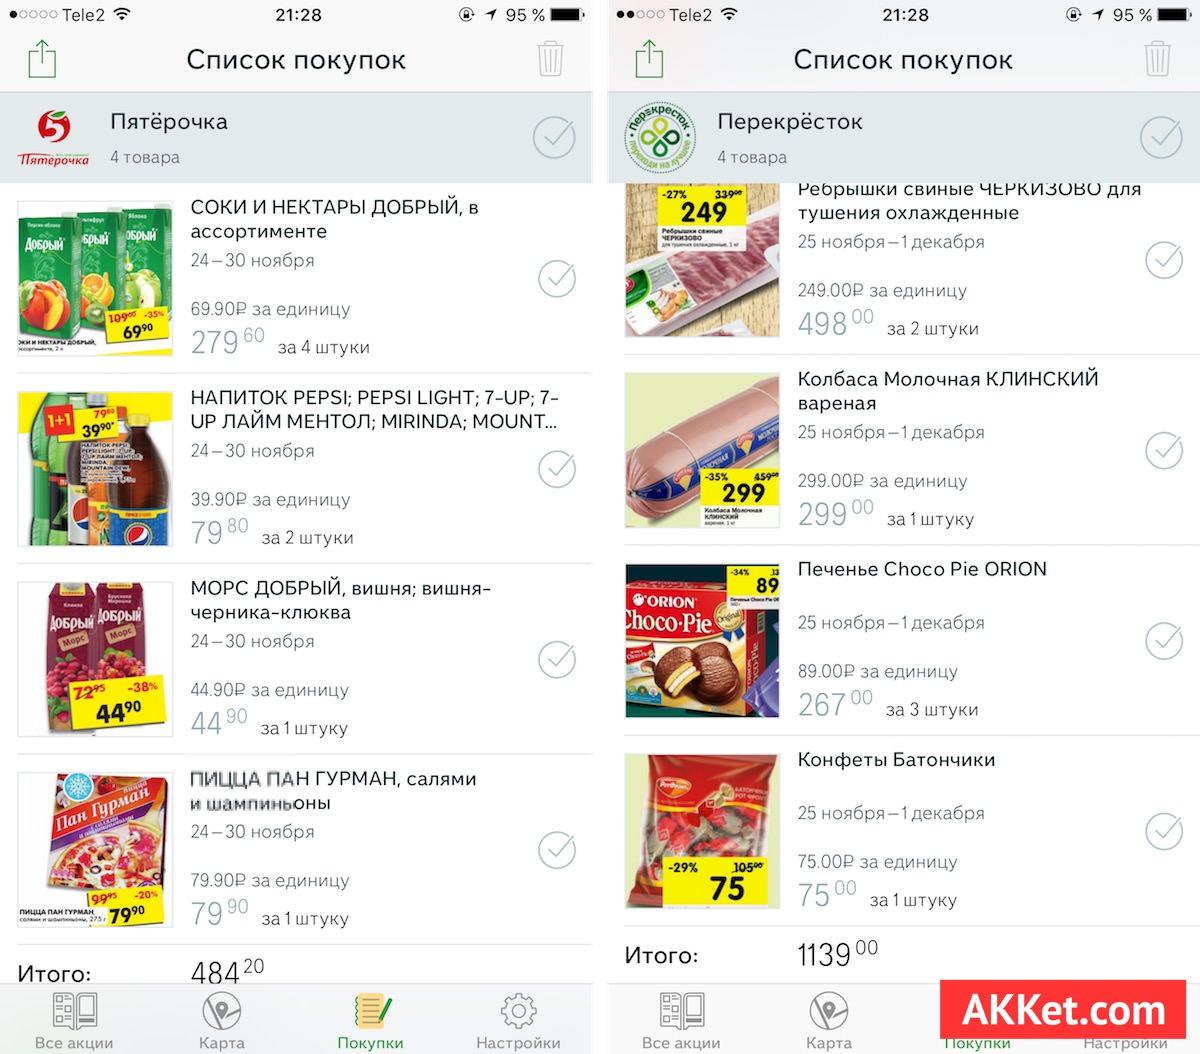 Едадил Россия iOS iPhone iPod TOuch обзор продукты скидки акции 2